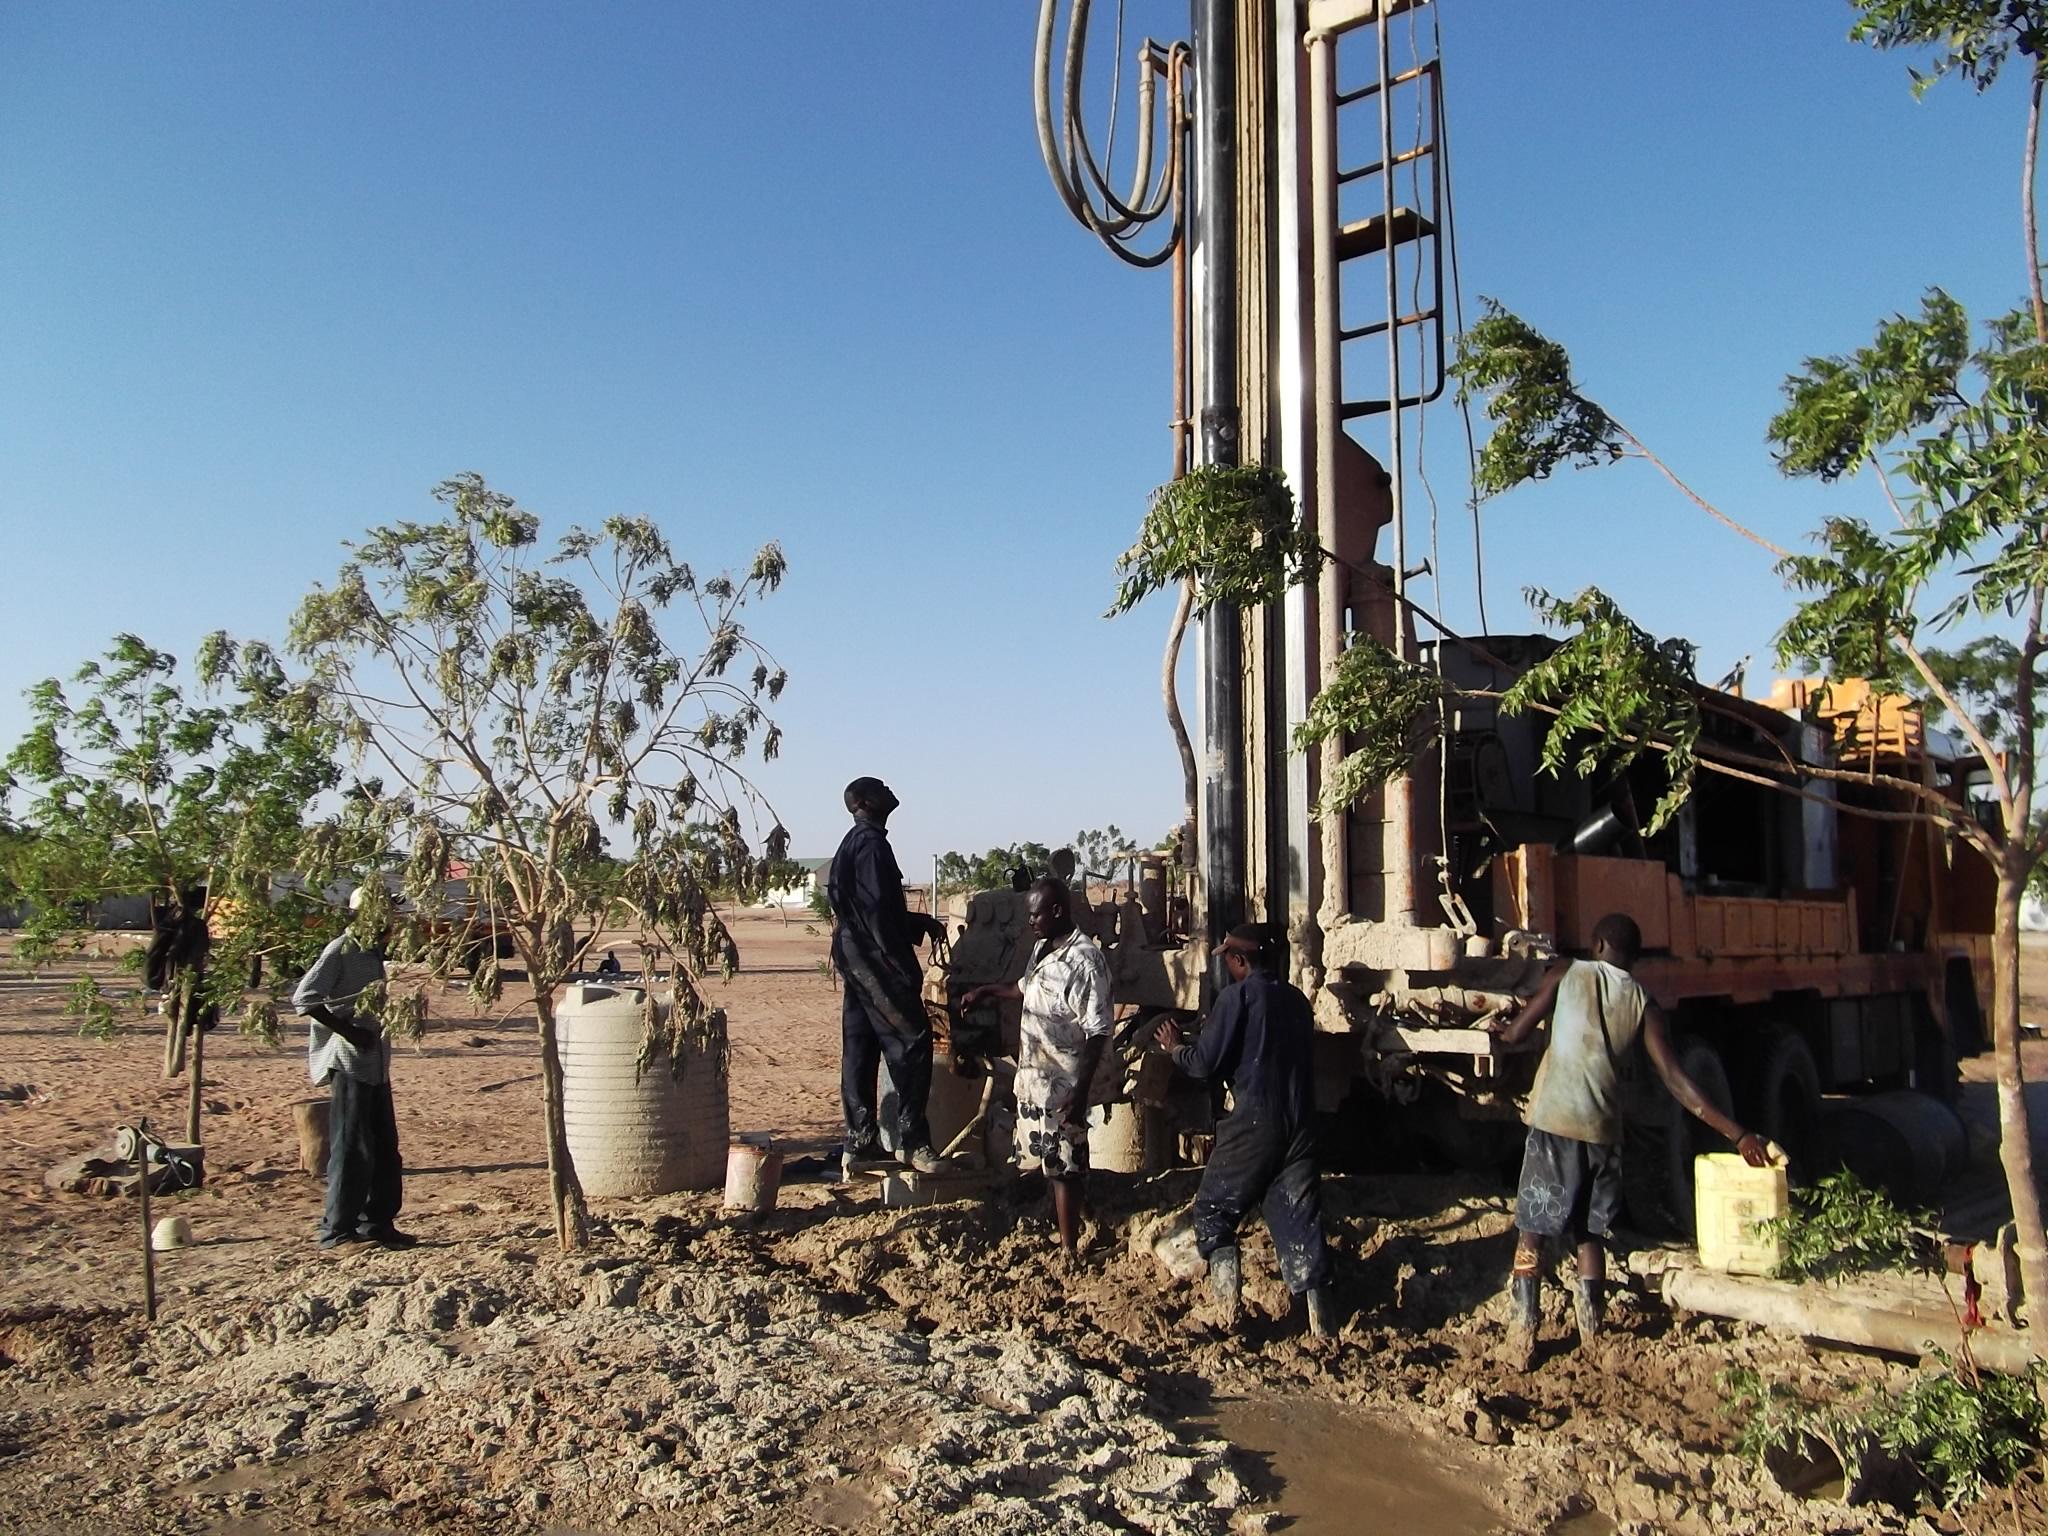 The Water Project : dscf0821